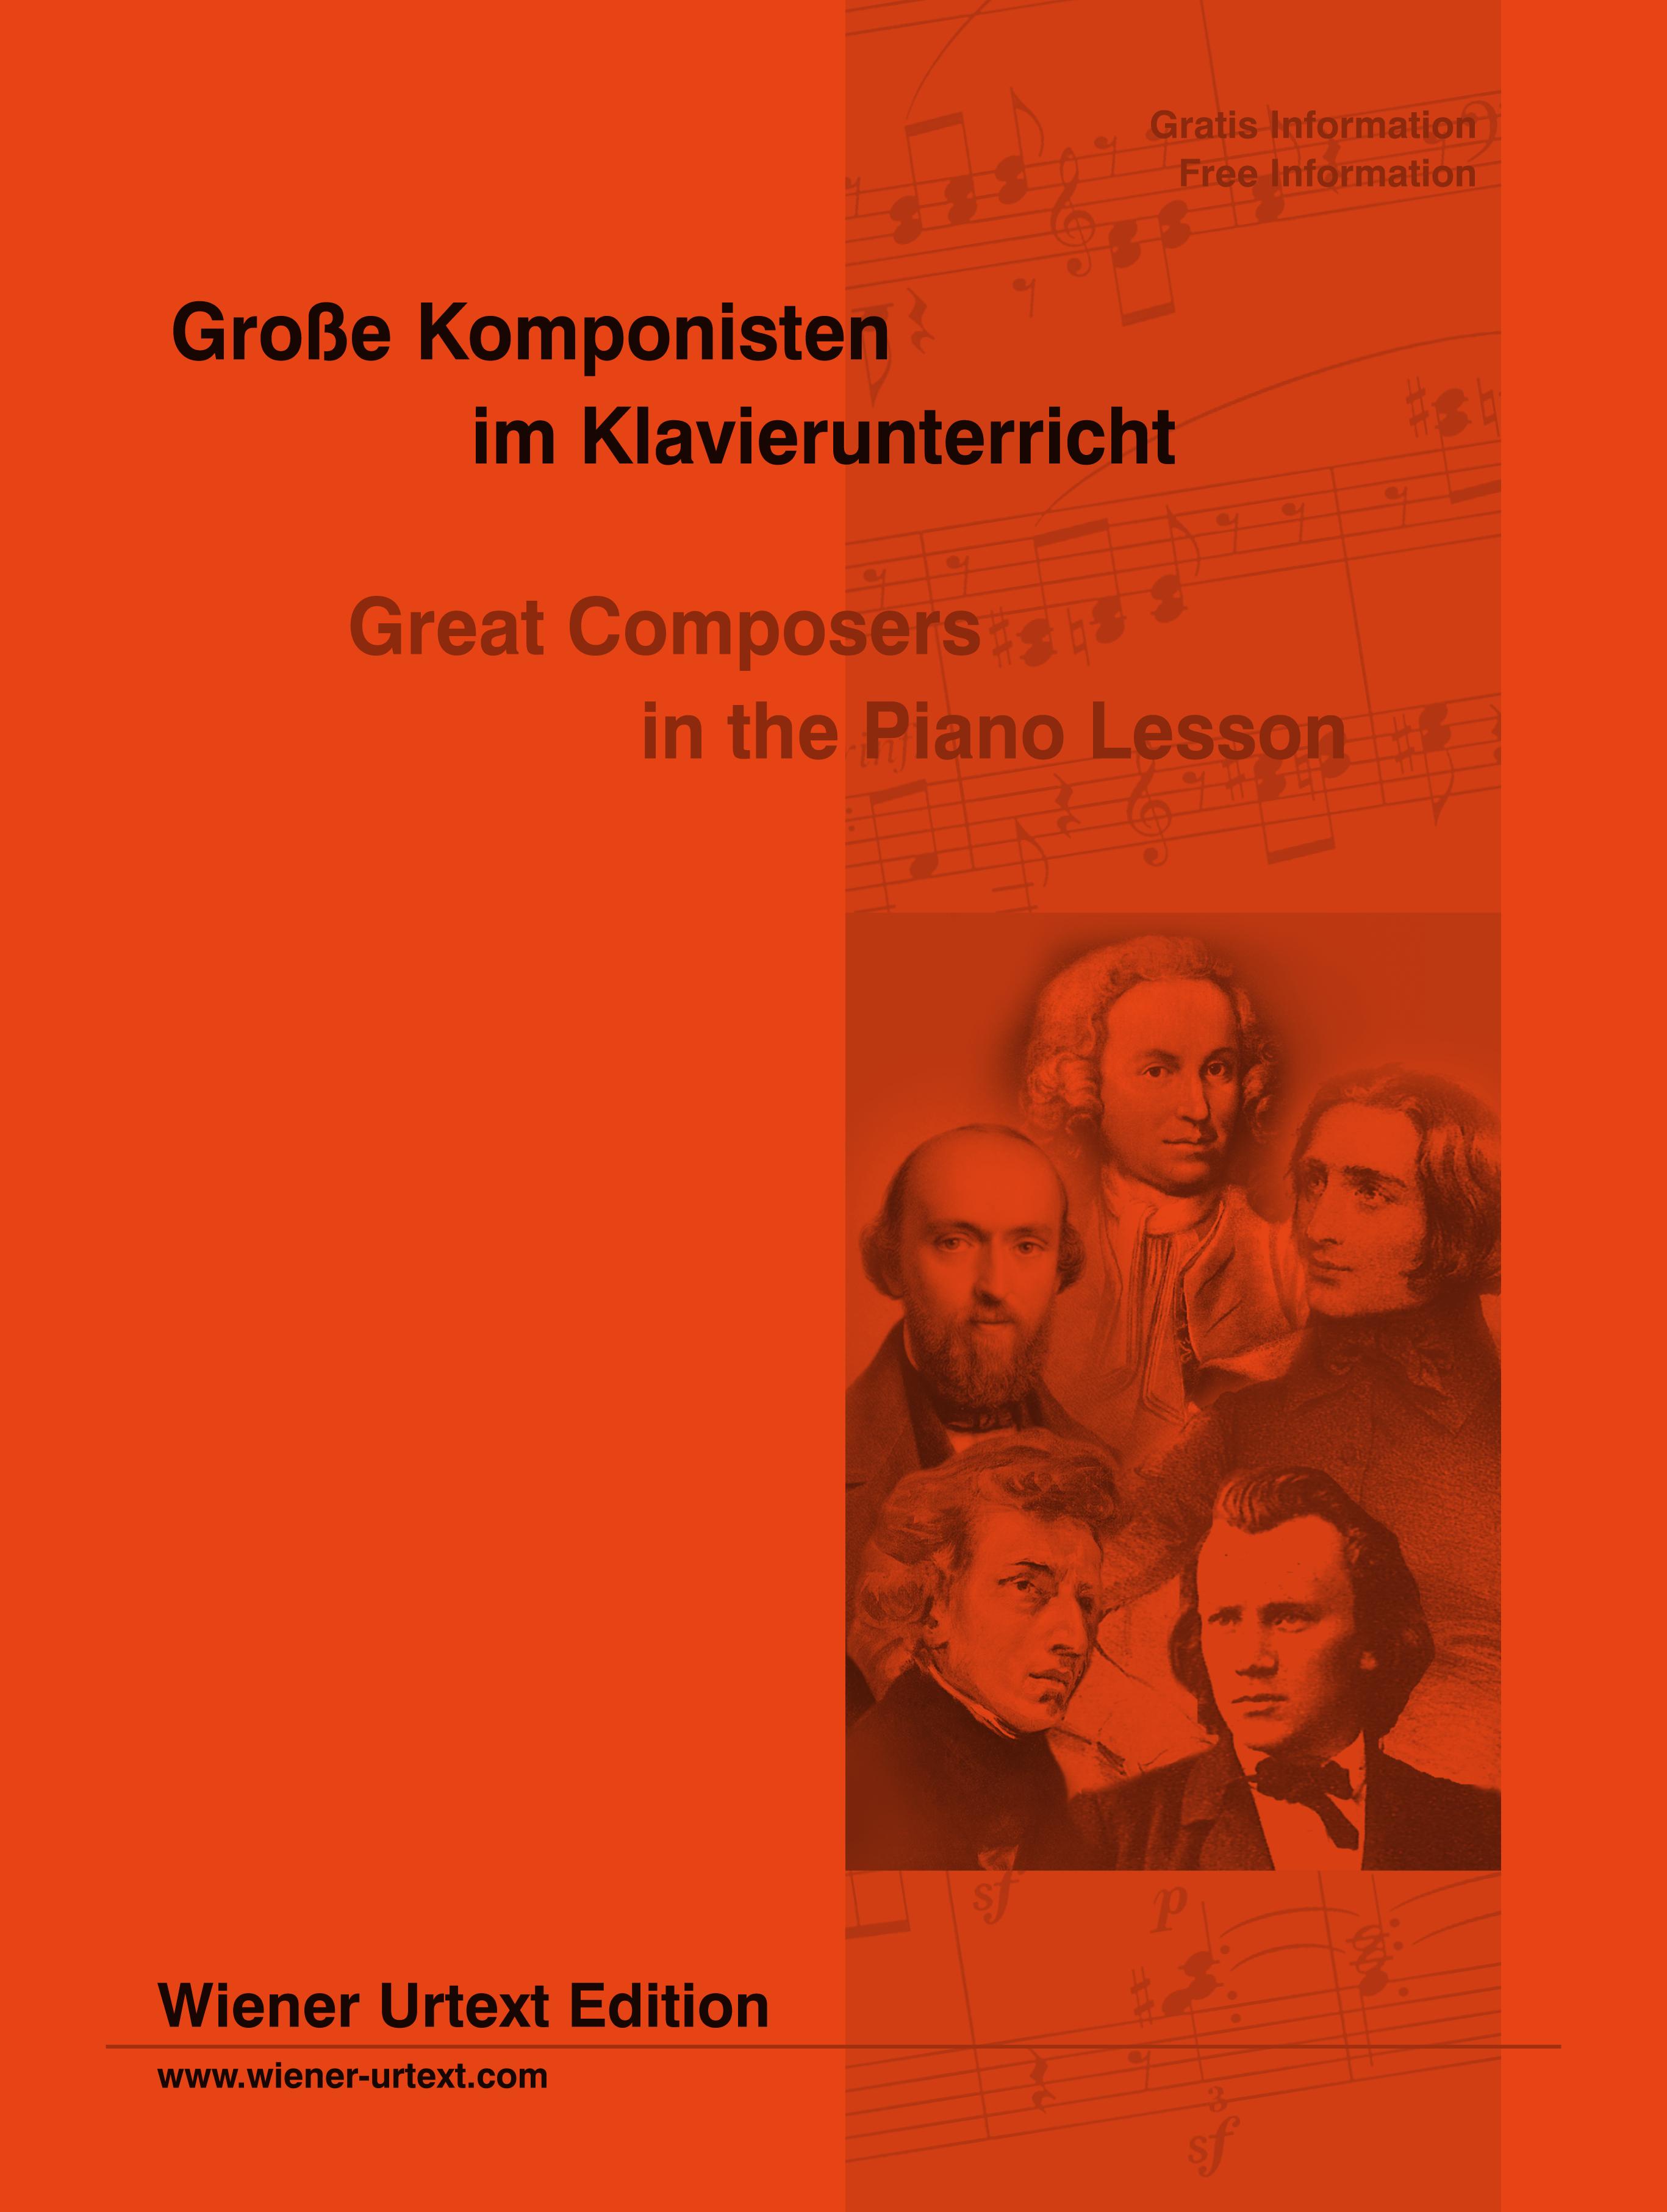 Grosse-Komponisten-im-Klavierunterricht_CoverdPRmvGNHbRjMU